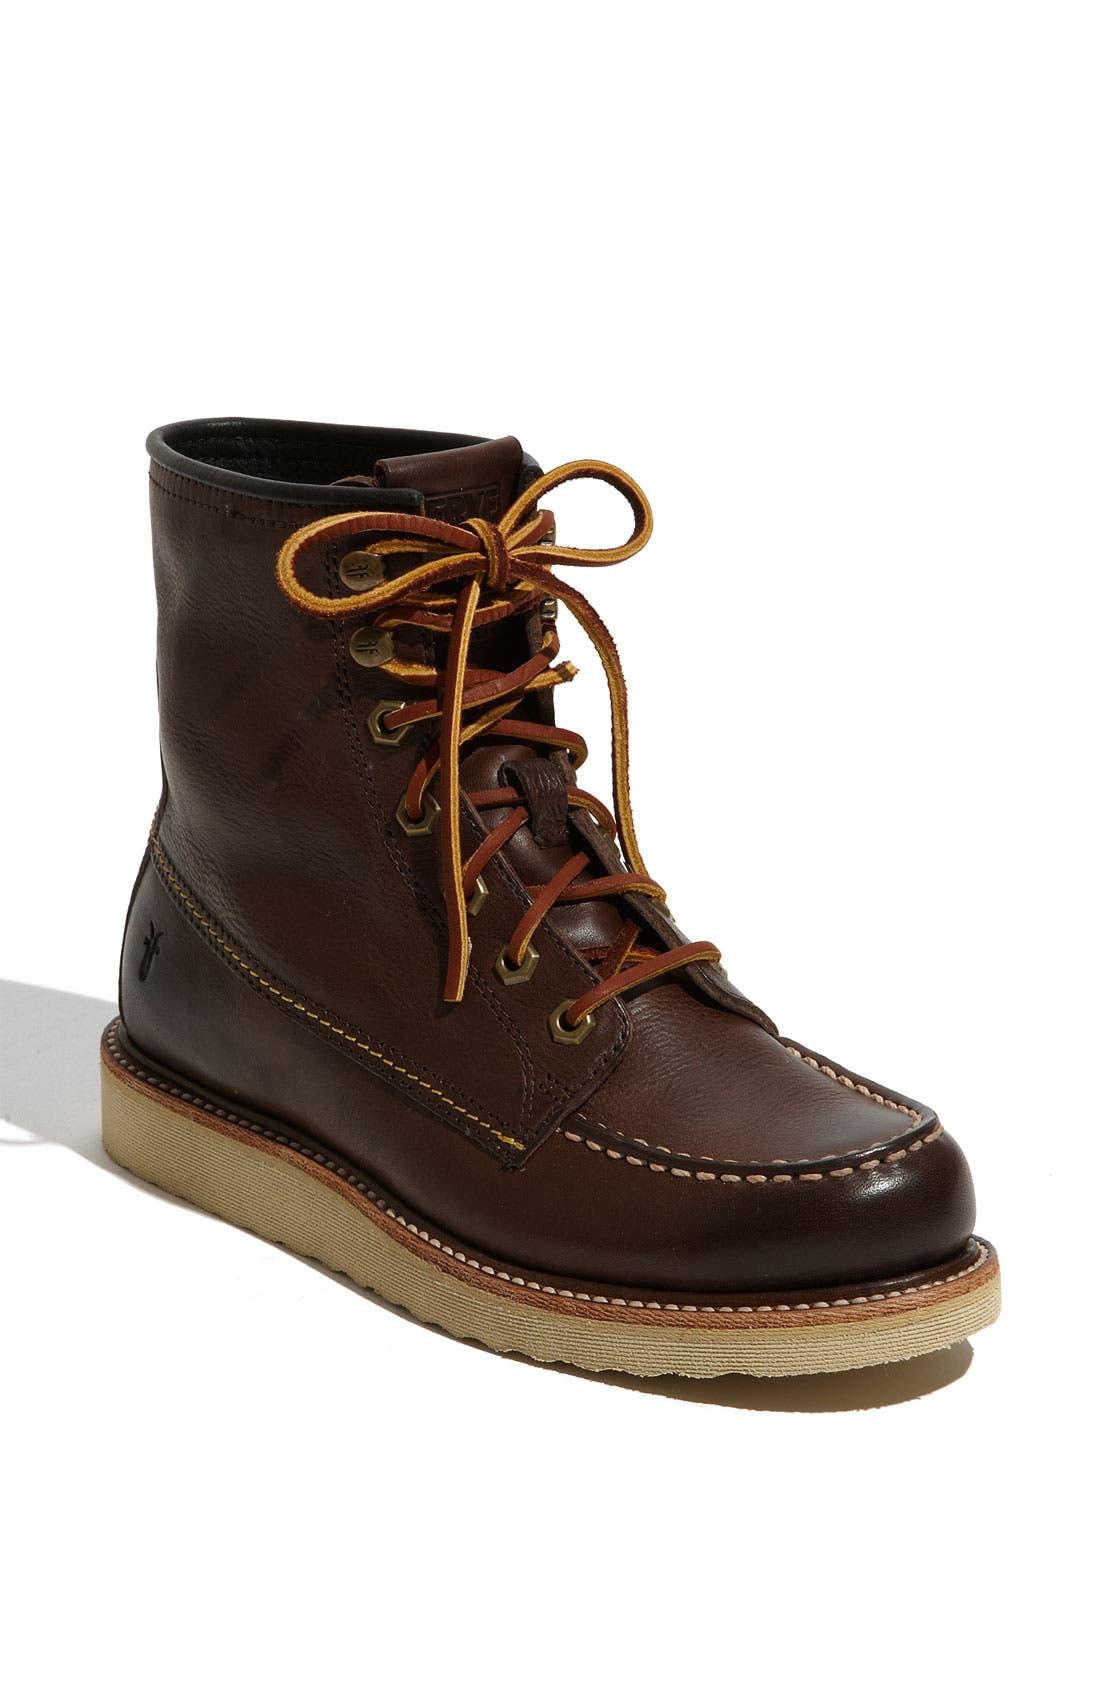 Main Image - Frye 'Dakota' Wedge Boot